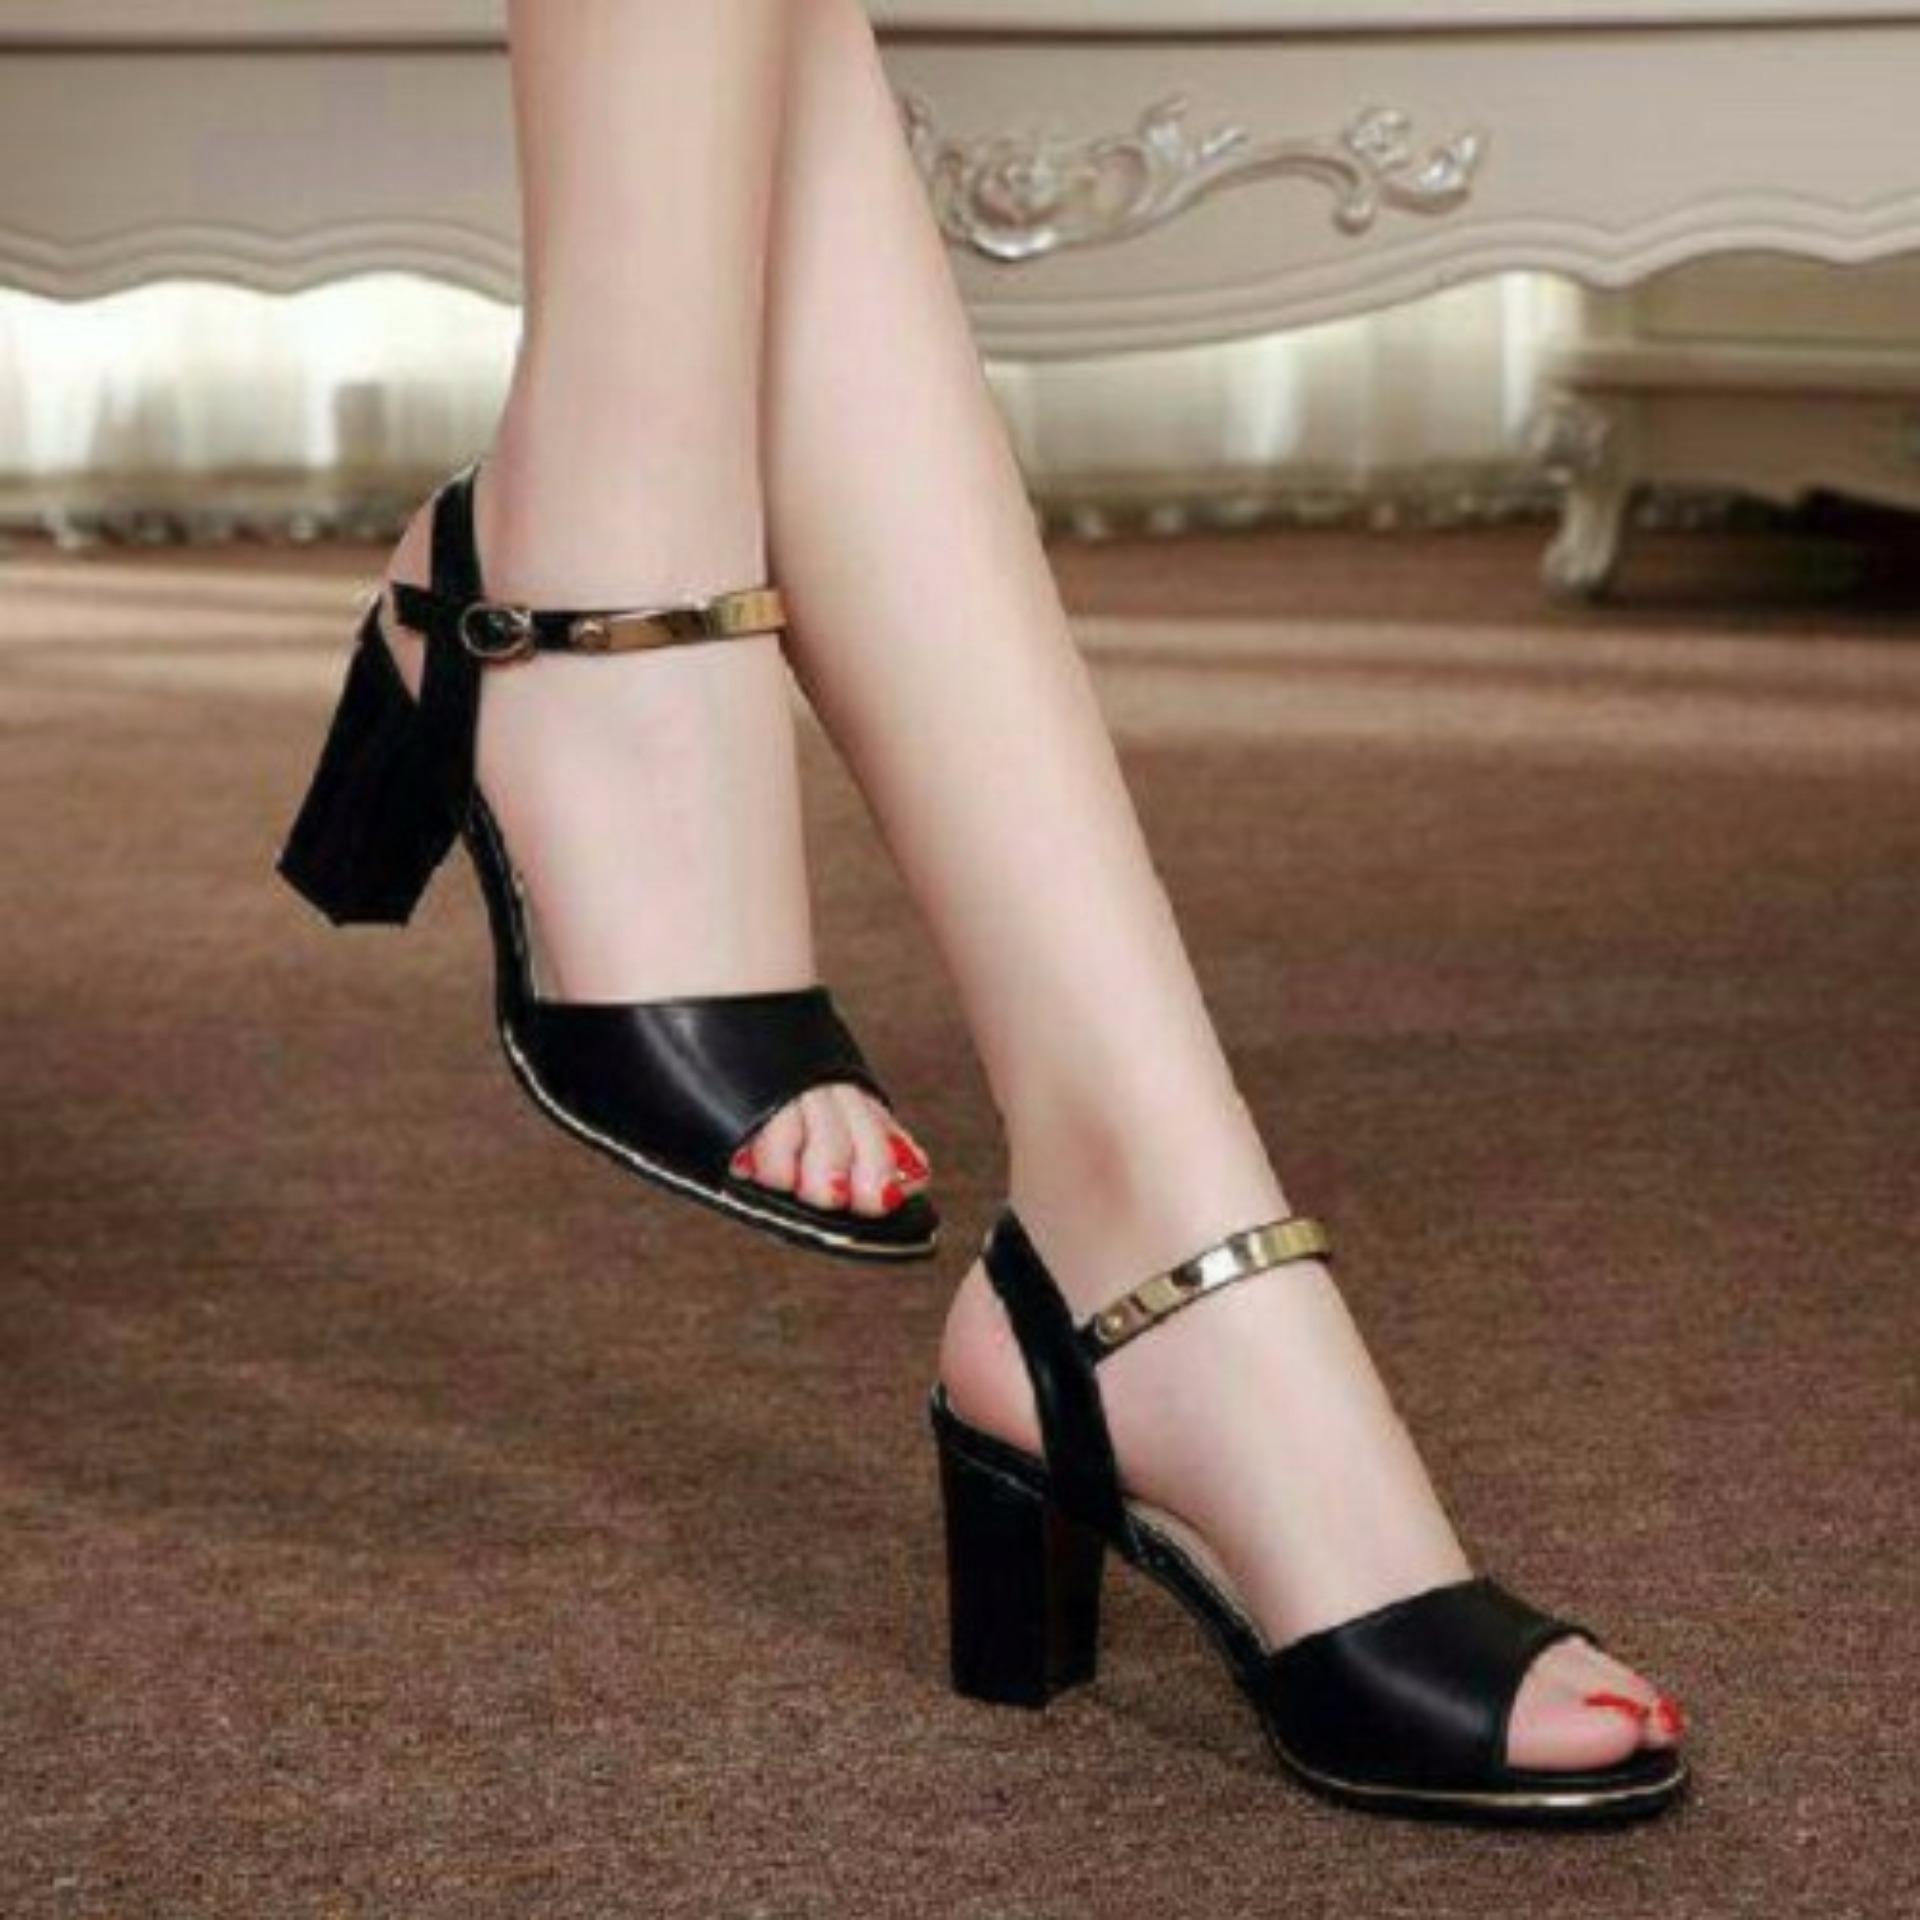 Sepatu Wanita High Heels Uj01 Hitam Daftar Update Harga Terbaru Regina Fantofel Hak 5 Cm 1611 115 168 D Red